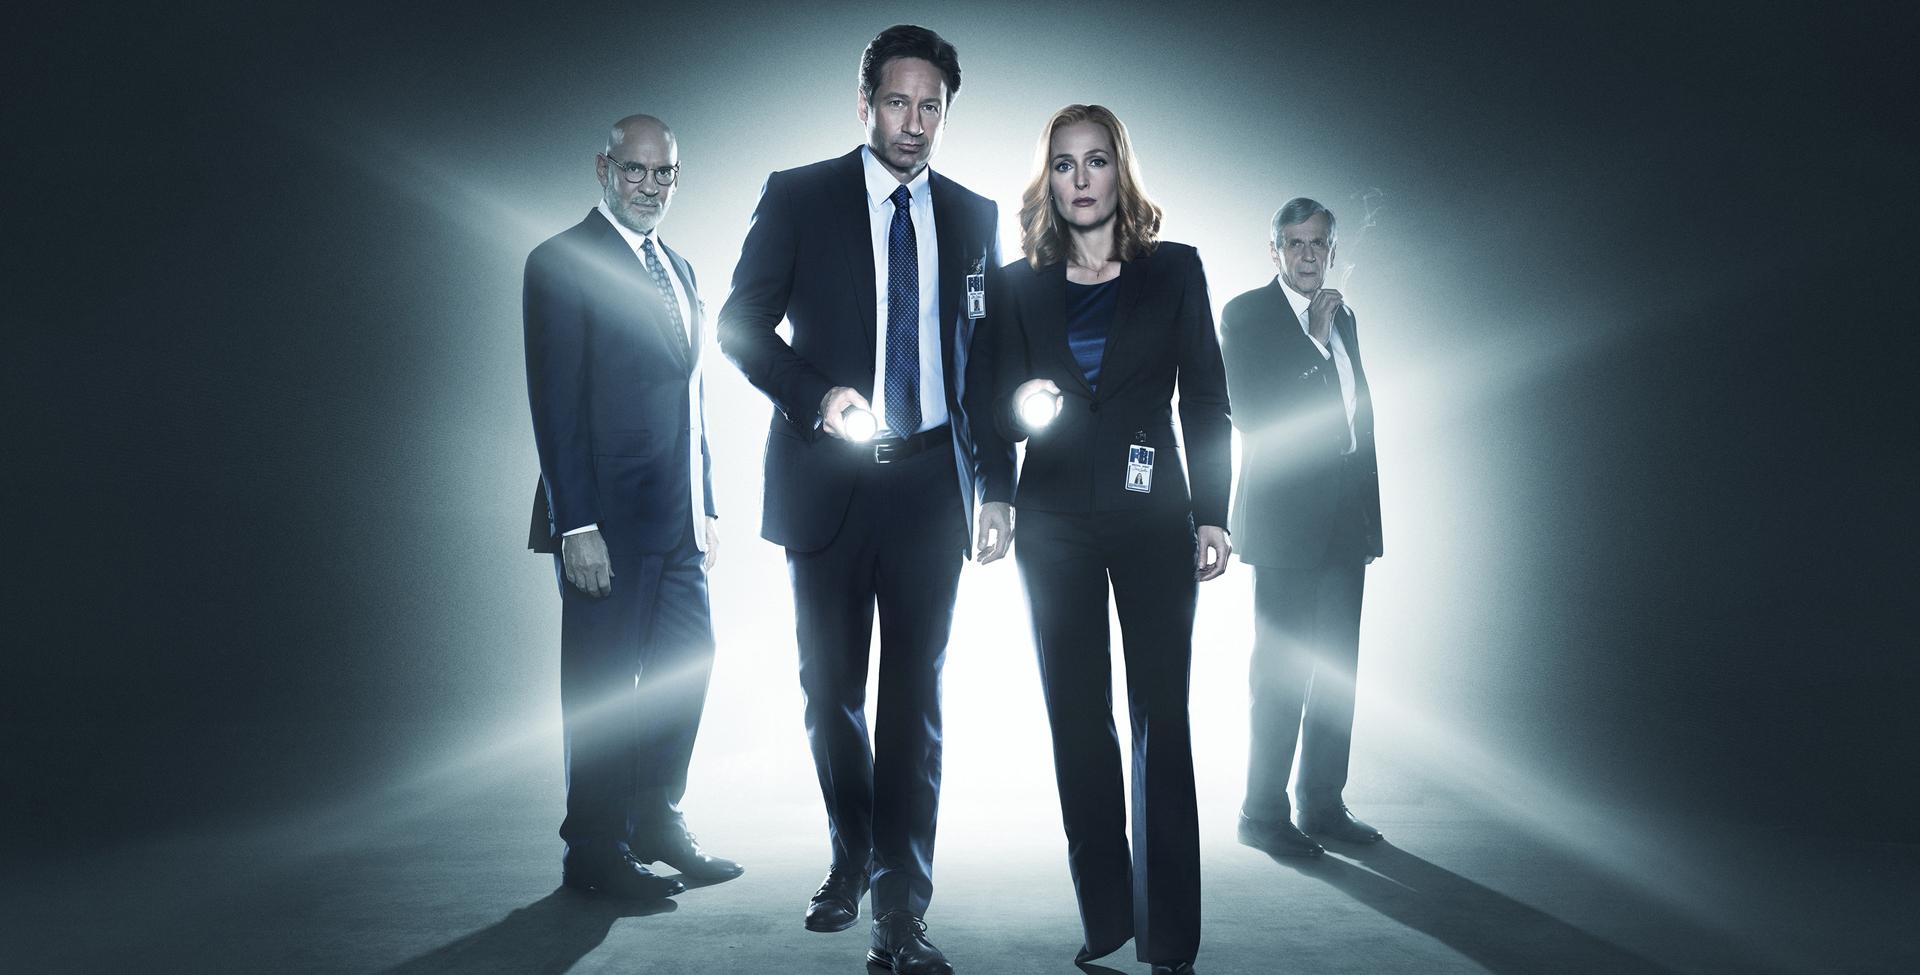 X-Files'ın 11. Sezon Fragmanı Yayınlandı